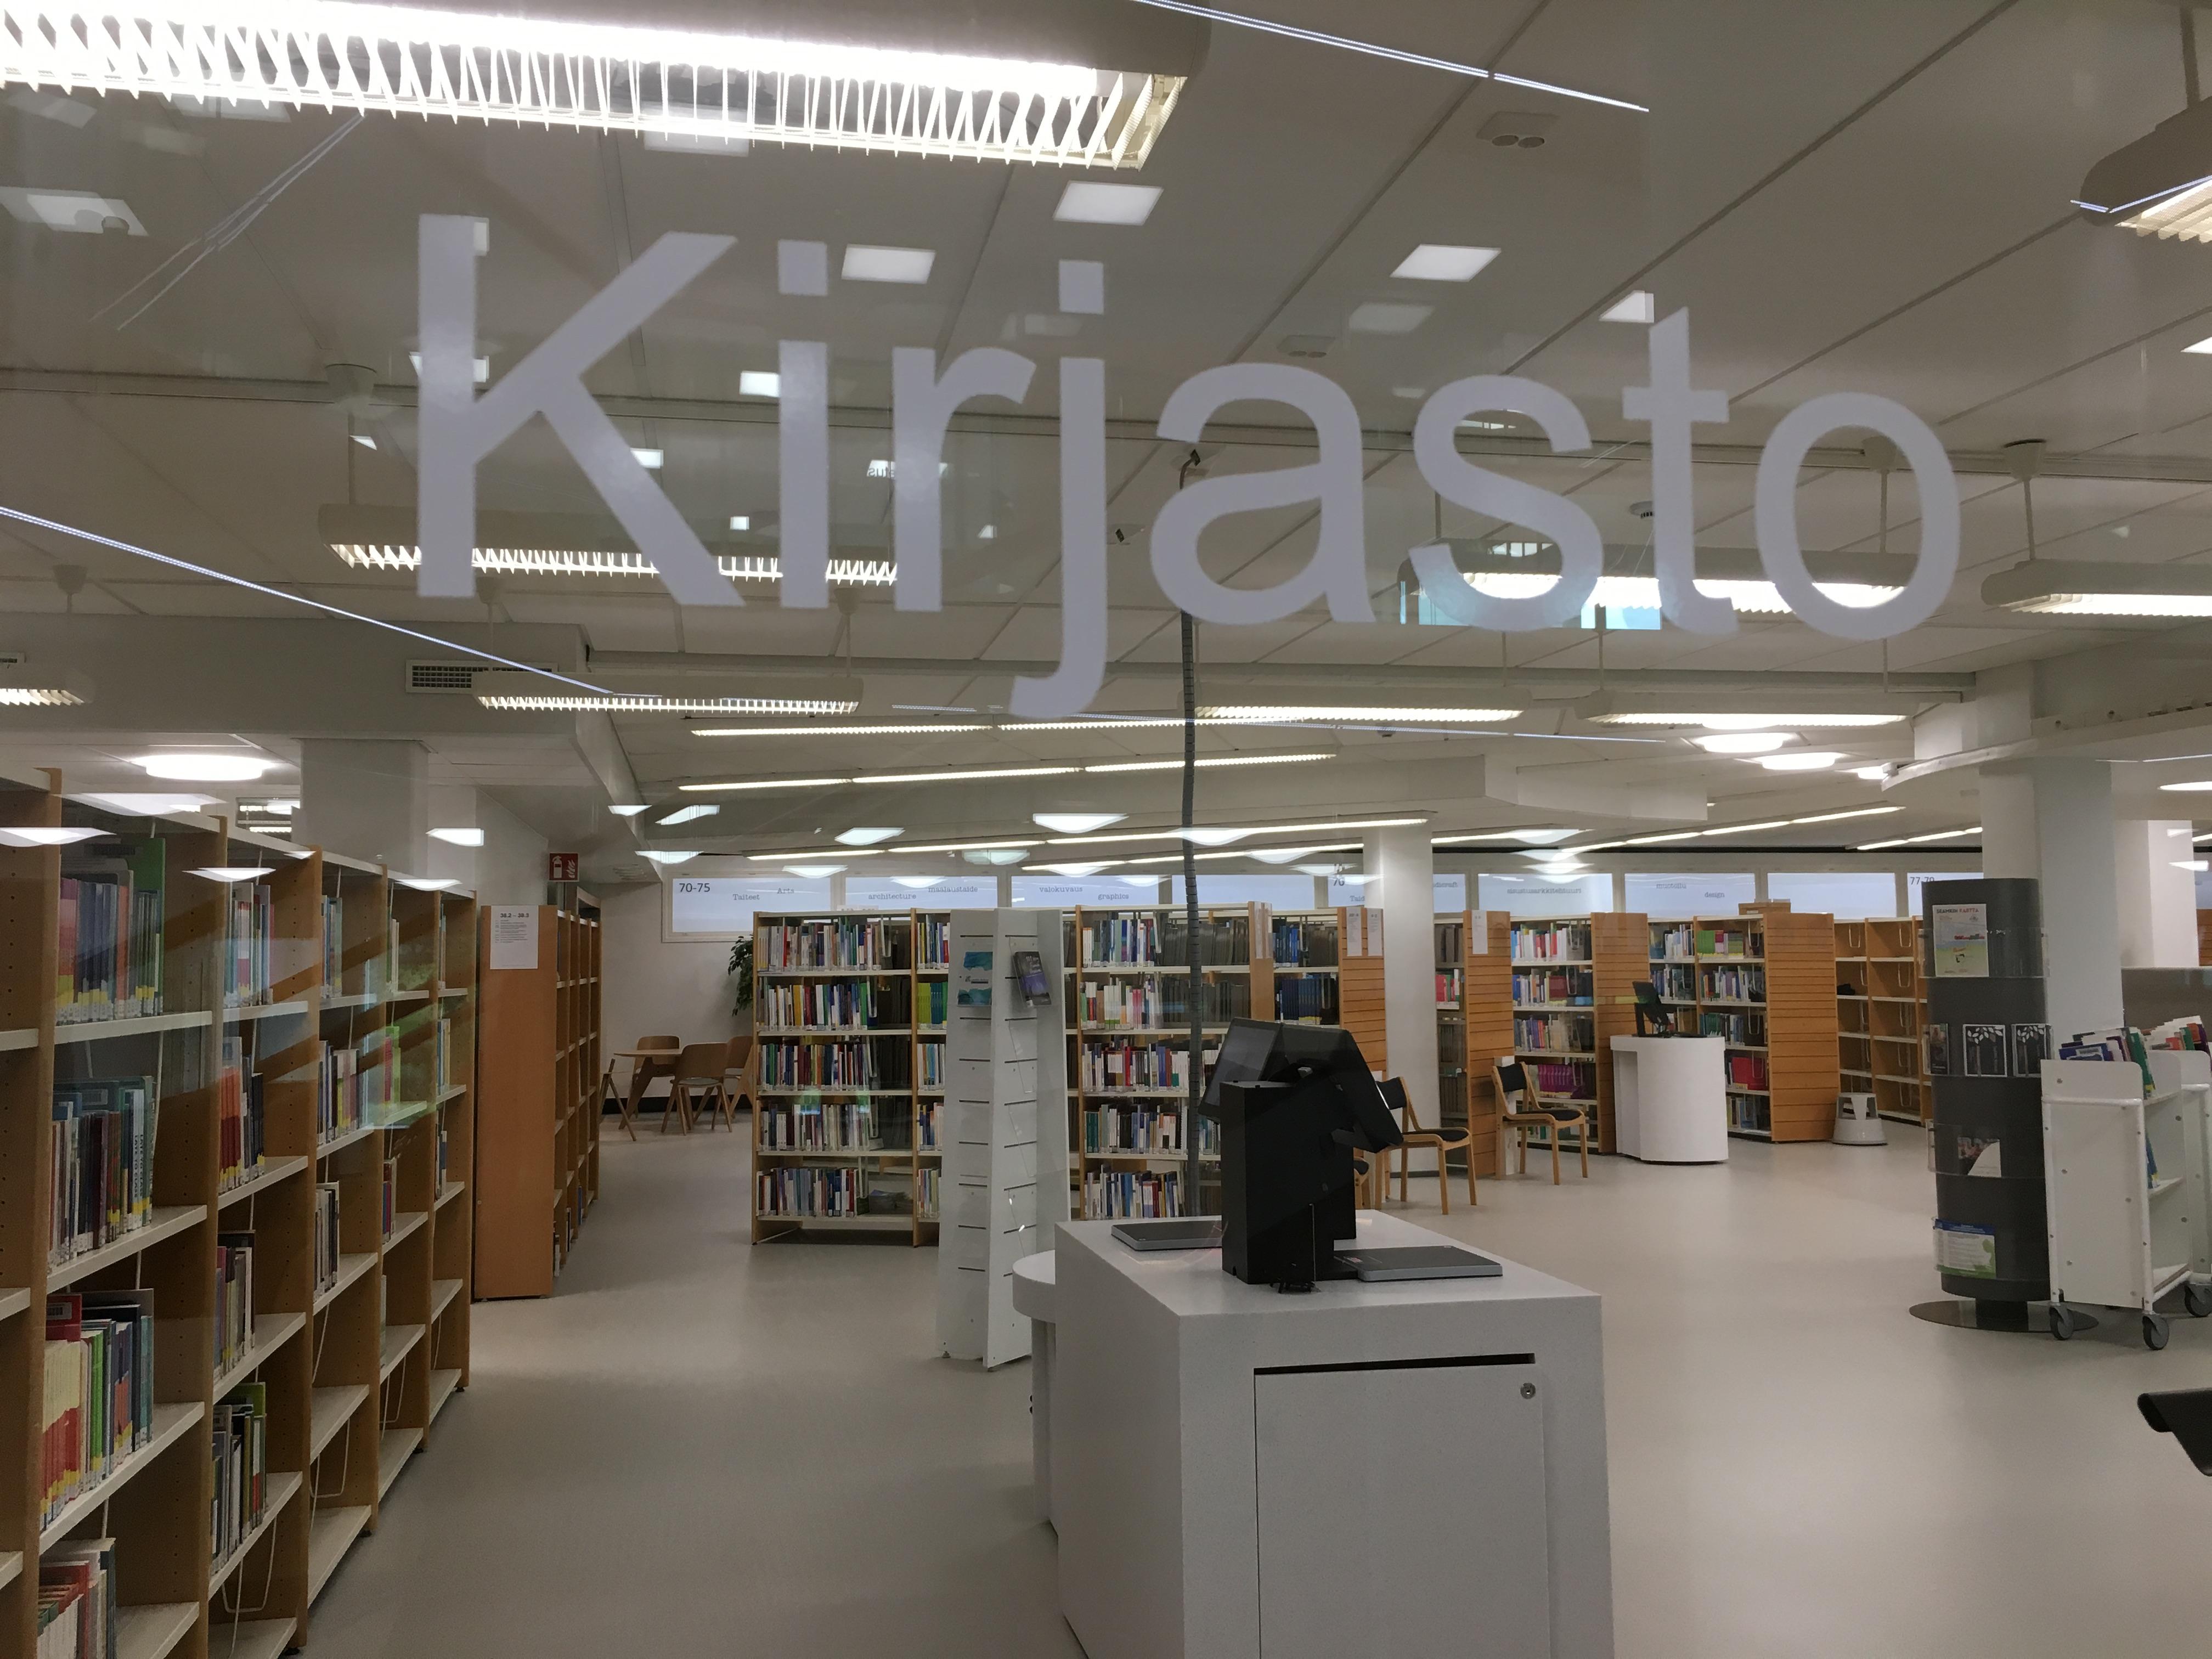 Kirjaston lasiovi jonka läpi näkyy kirjahyllyjä.